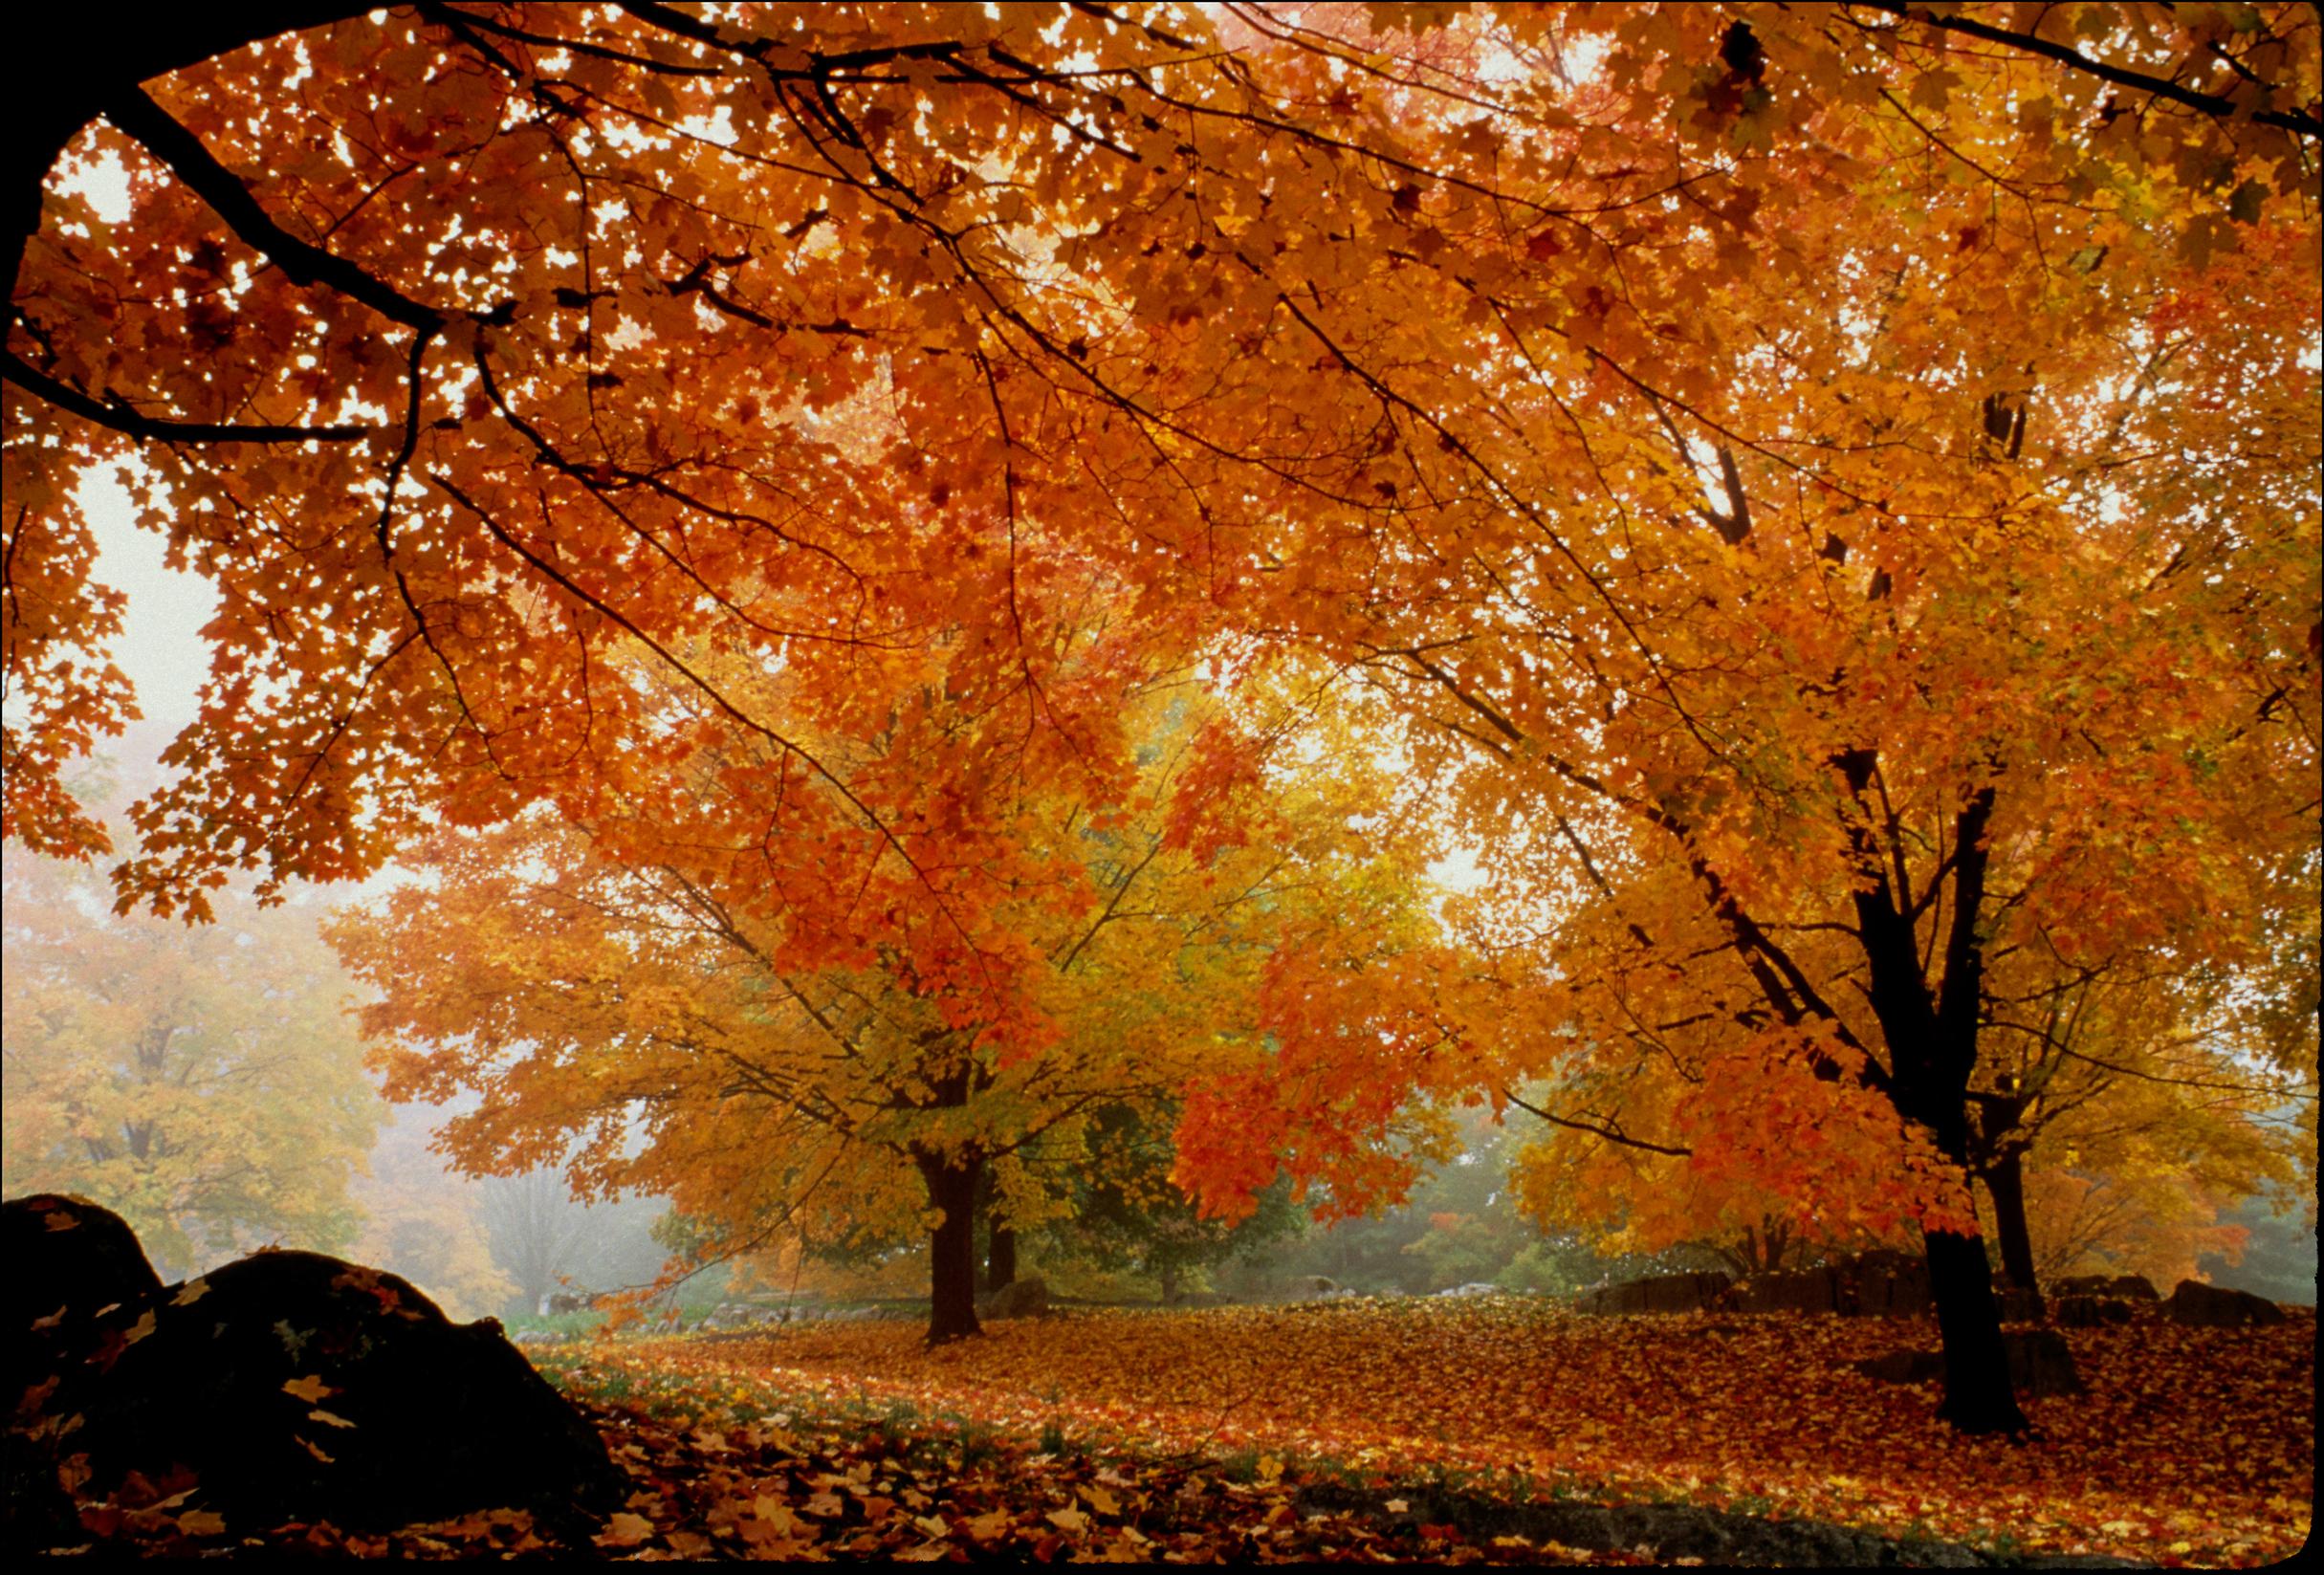 War Memorial Park in Fall Color